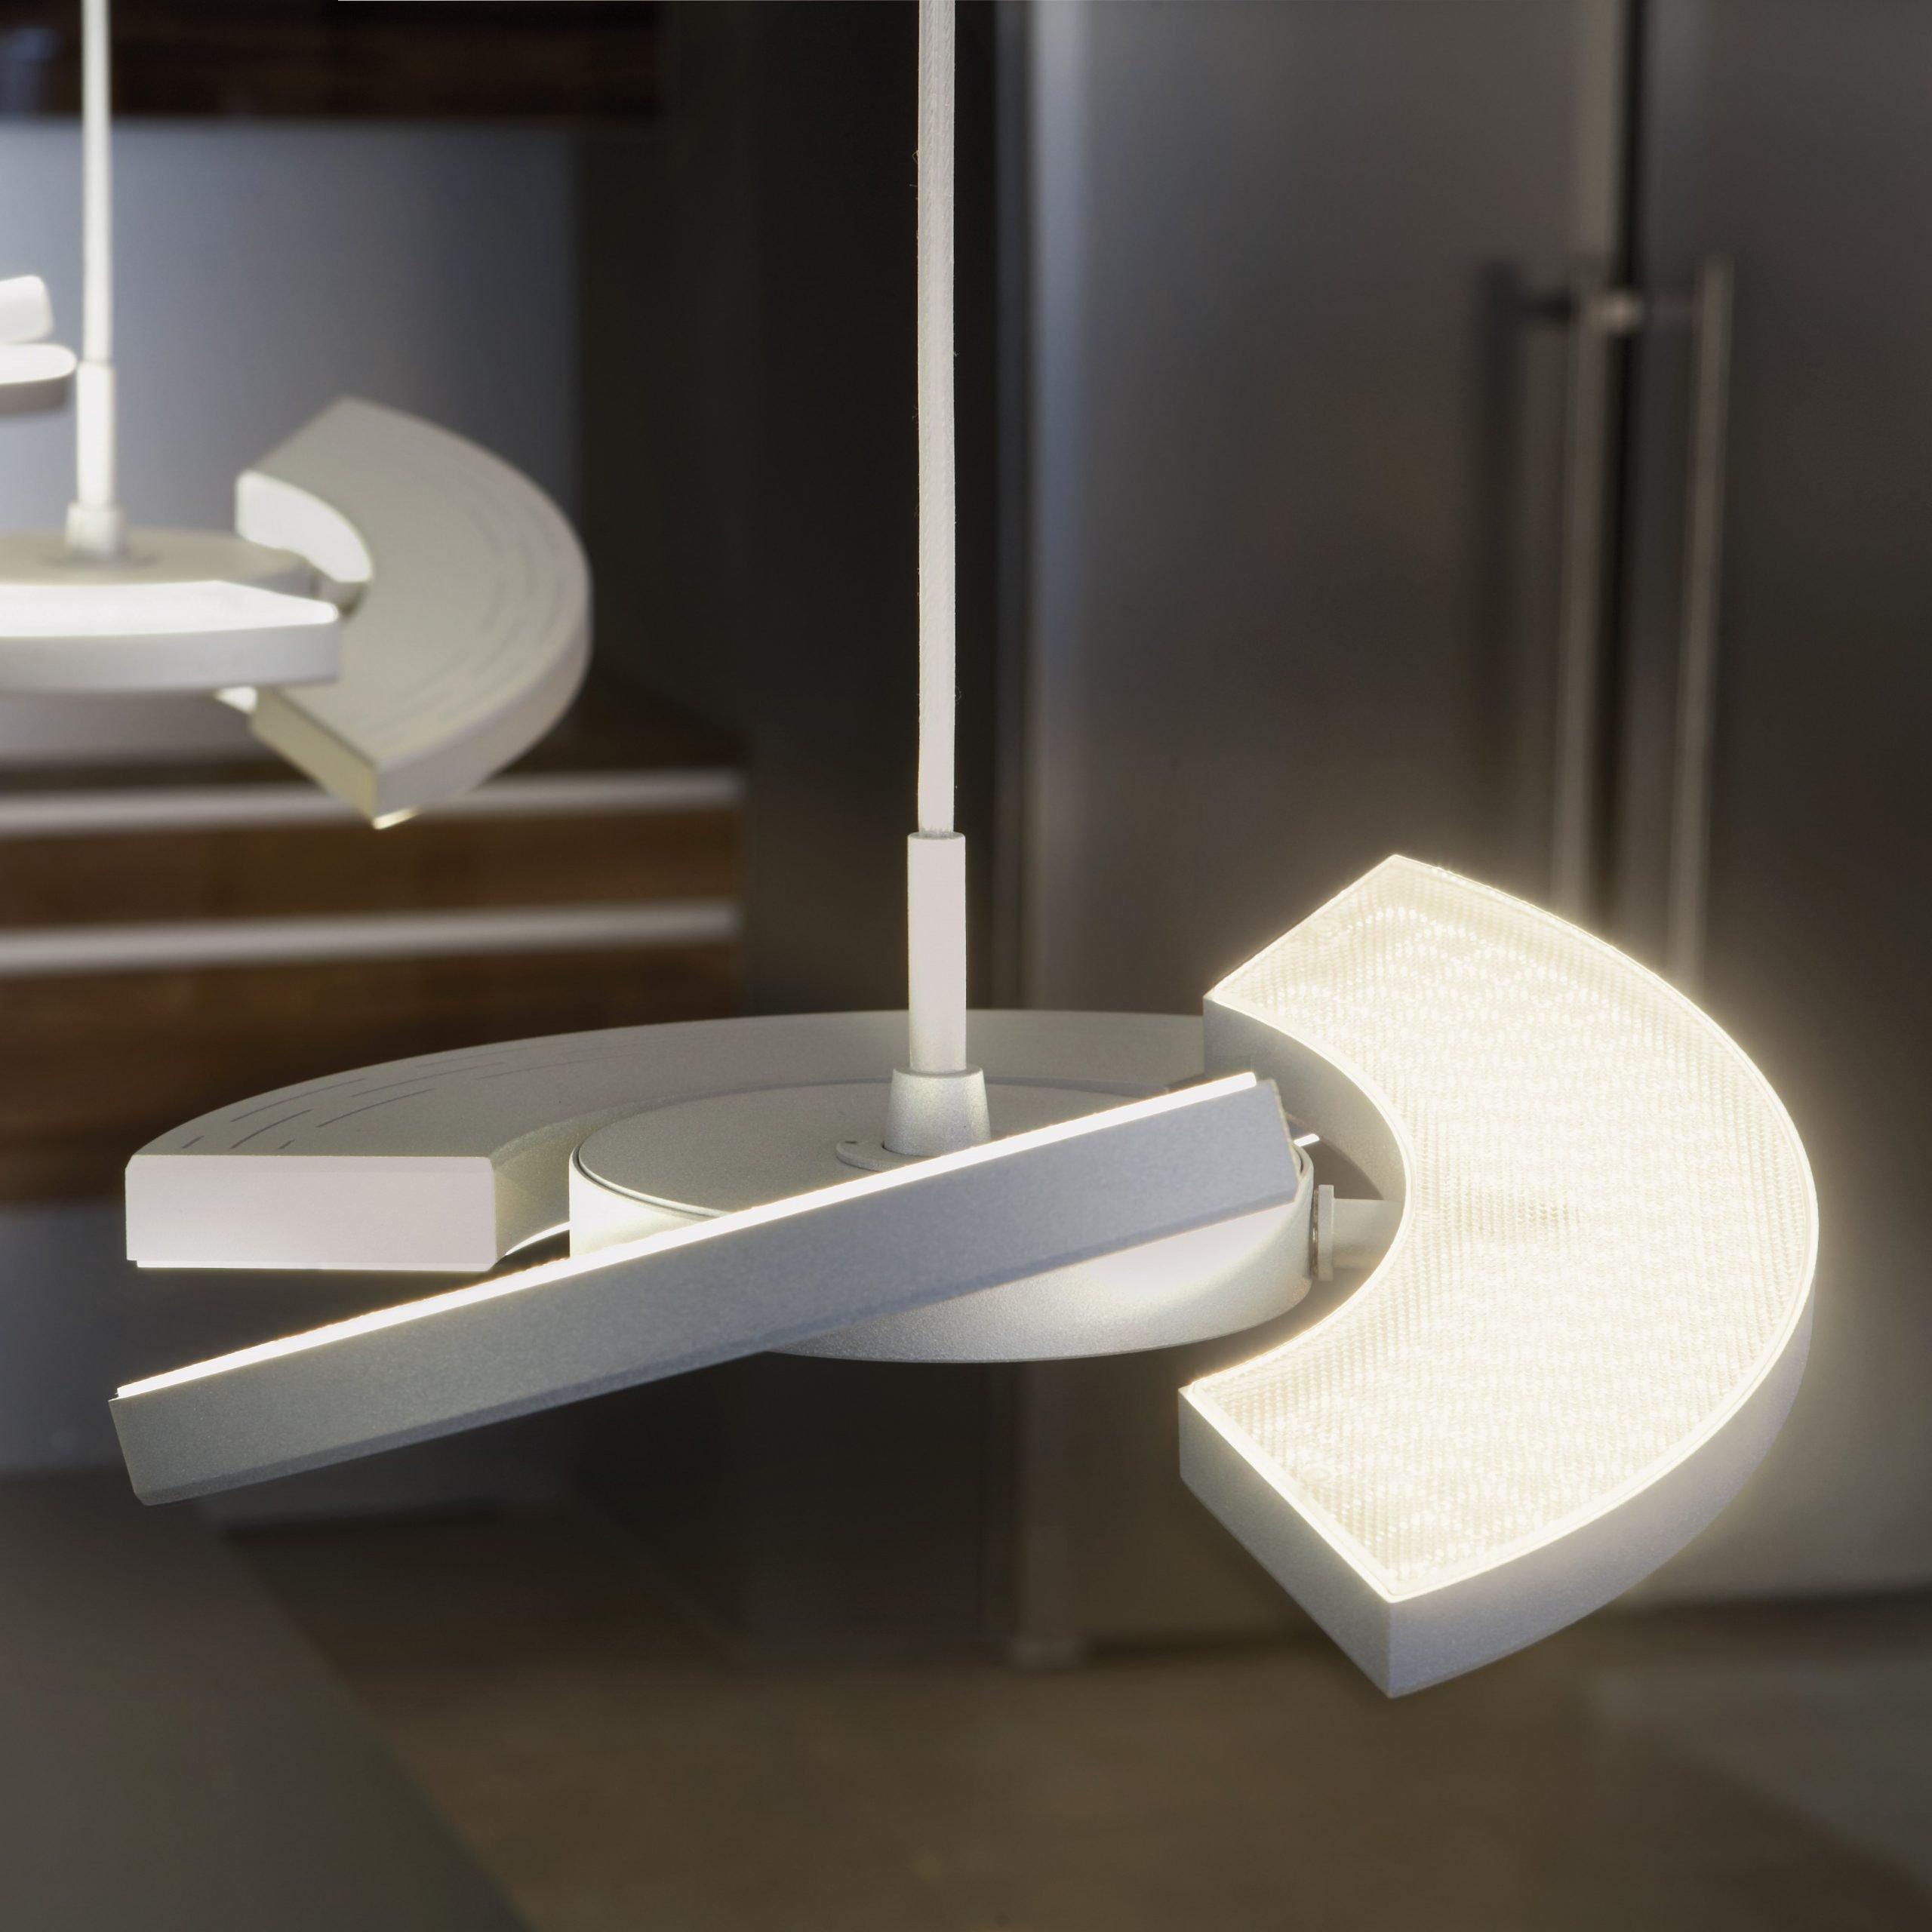 Designlamp Cruquius